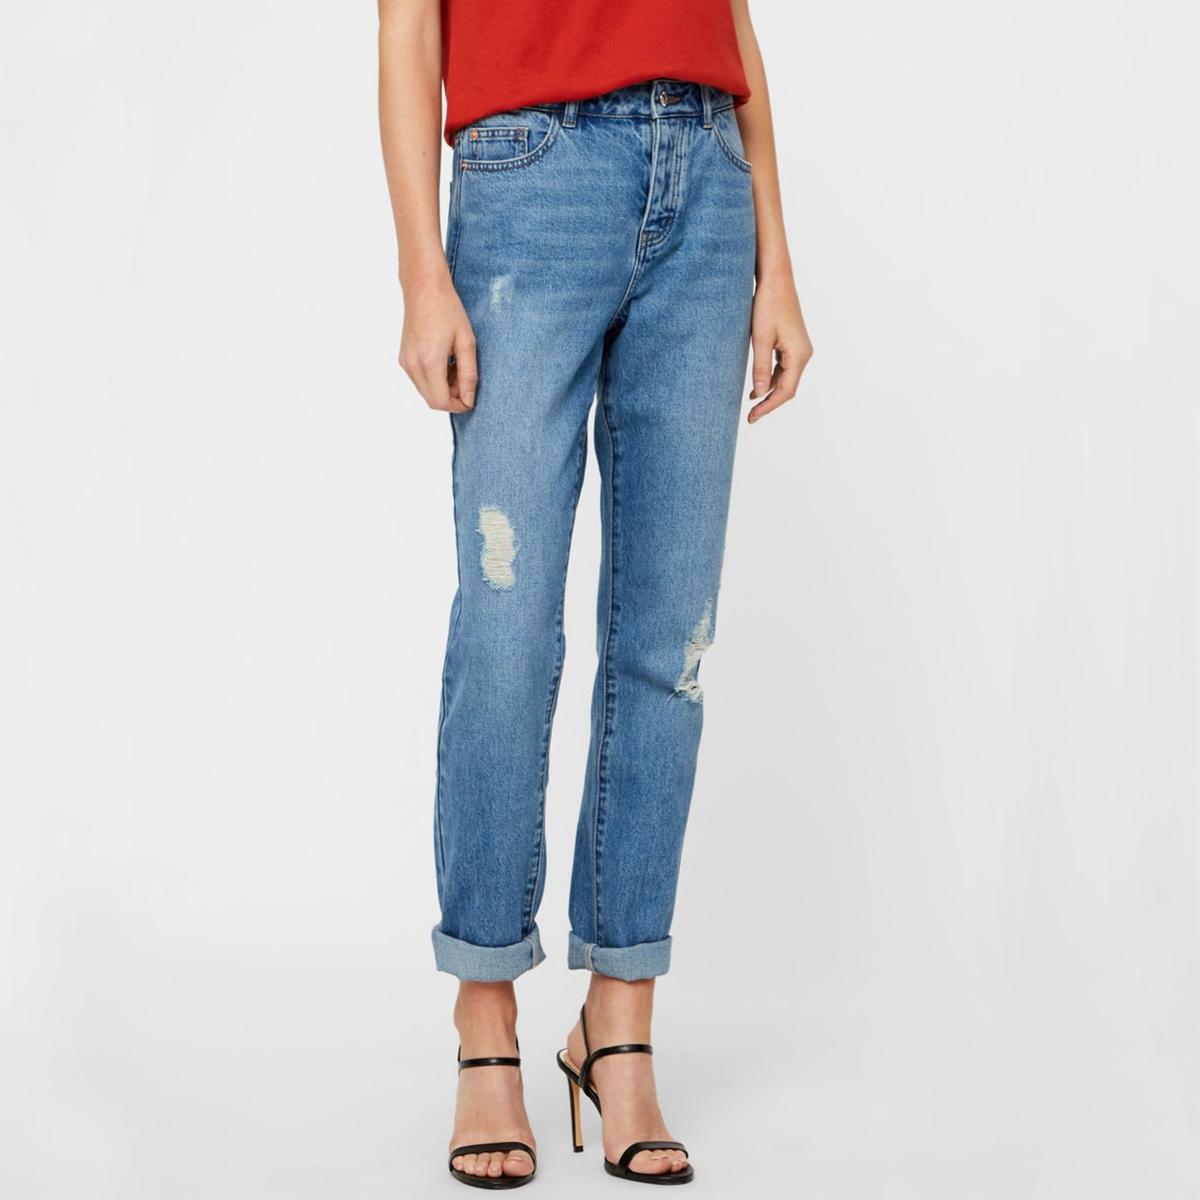 Джинсы бойфренды длина 32 джинсы бойфренд 3 14 лет